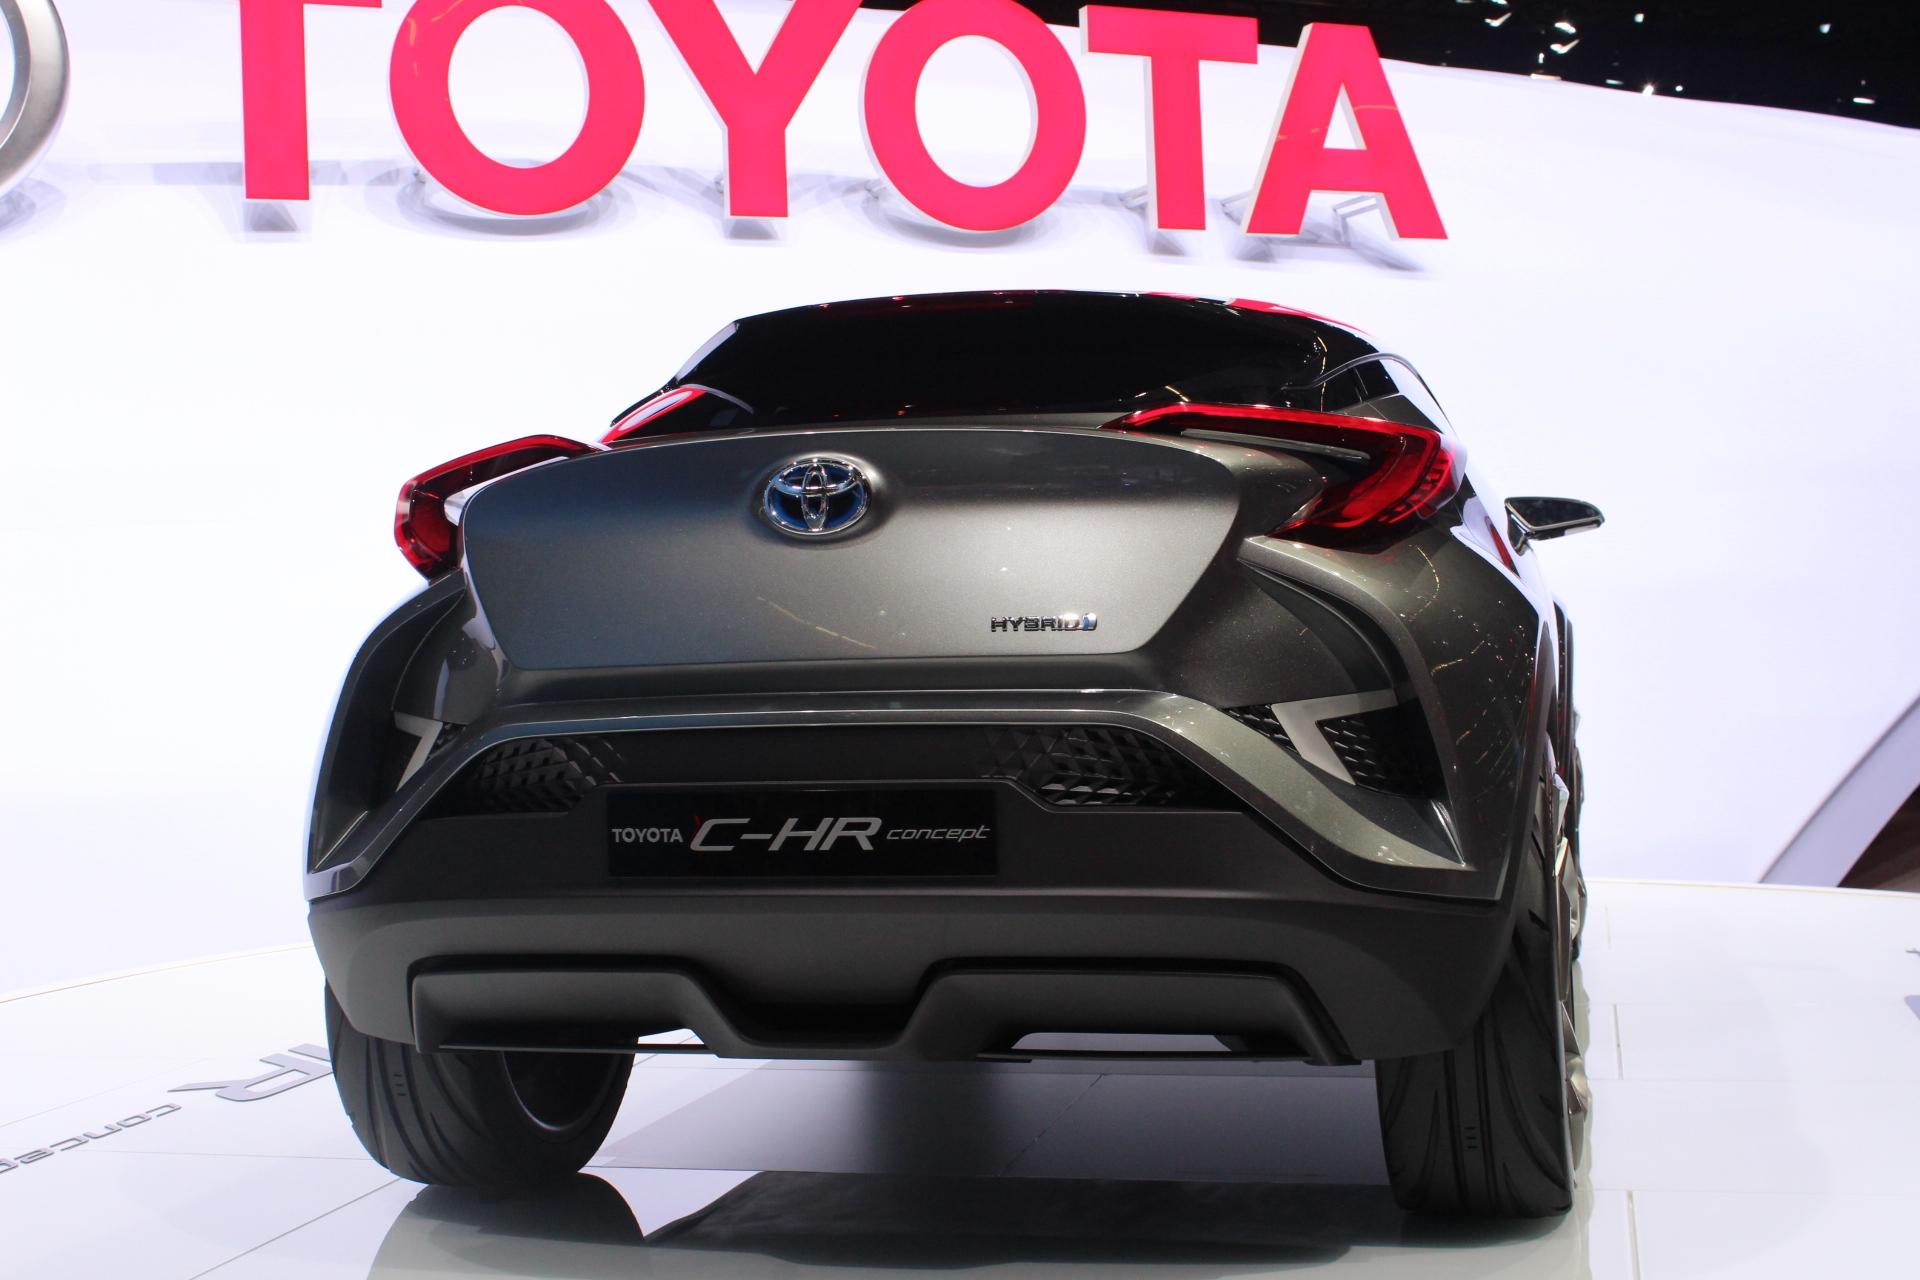 [Image: S0-Toyota-C-HR2-Concept-bientot-sur-les-...362103.jpg]